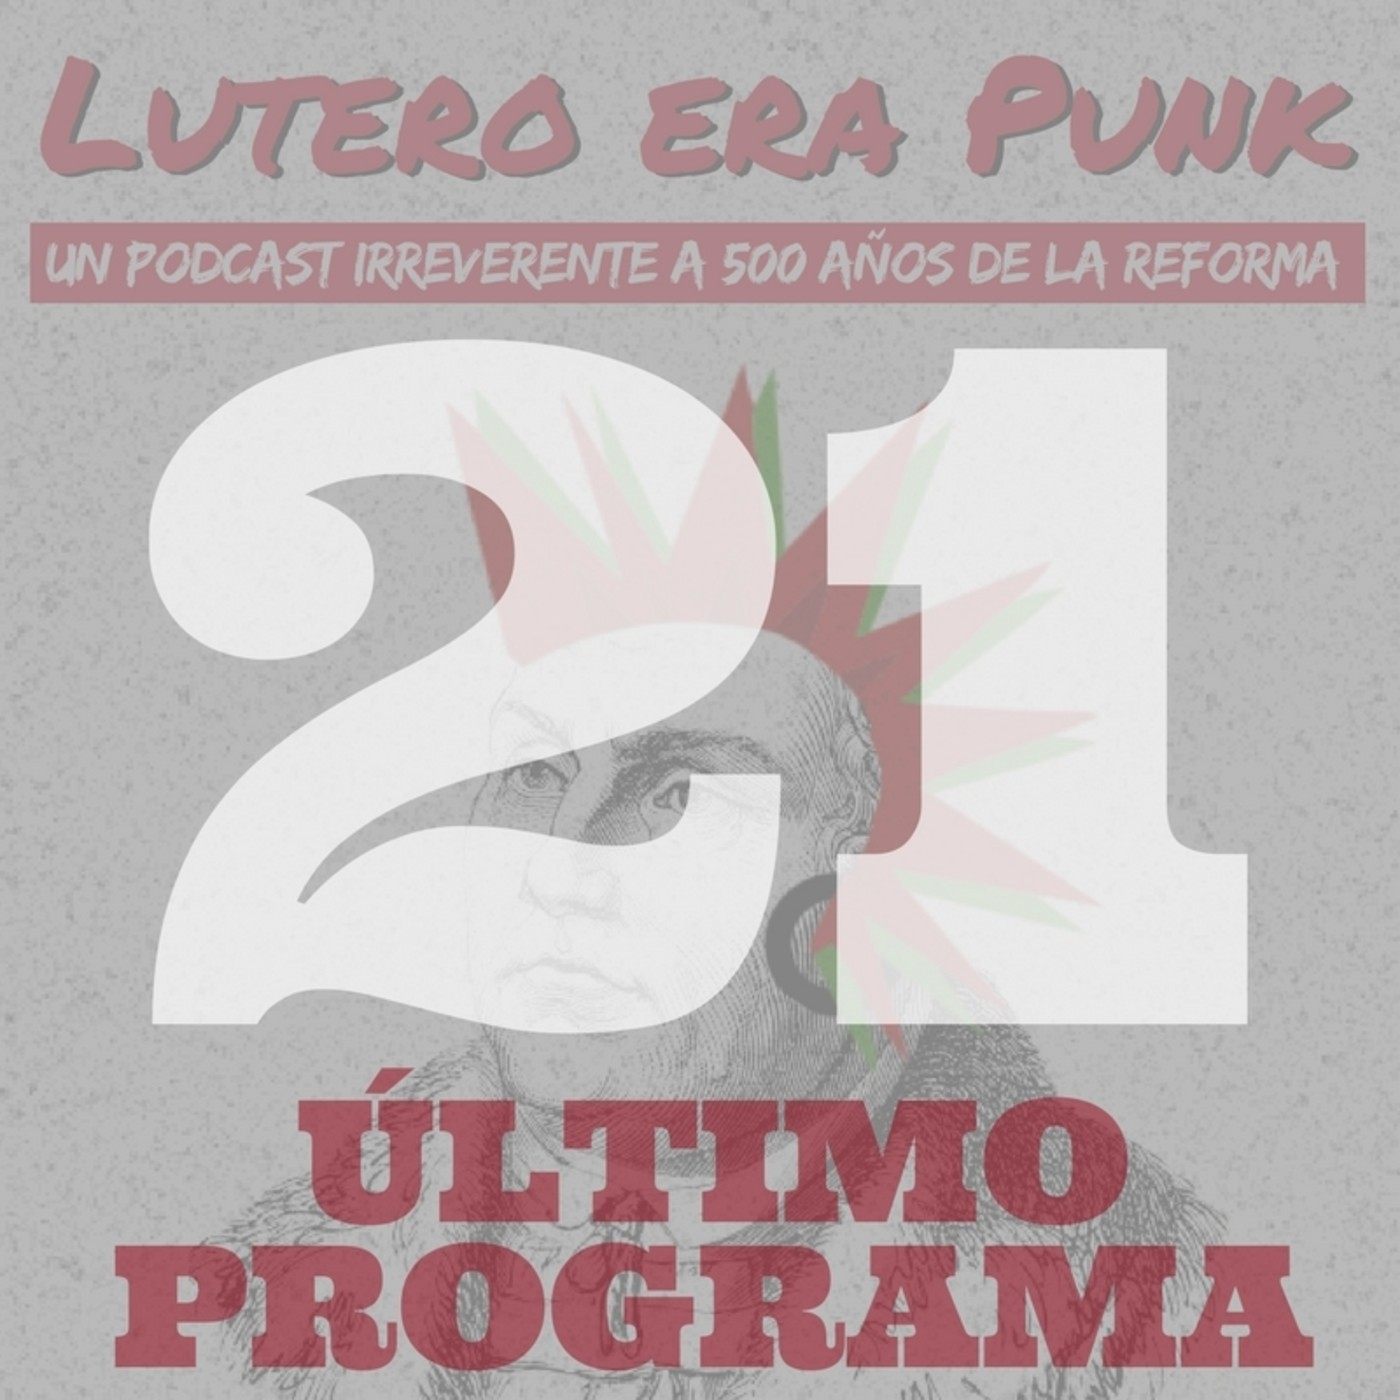 Lutero era punk | Capítulo 21 (FINAL)